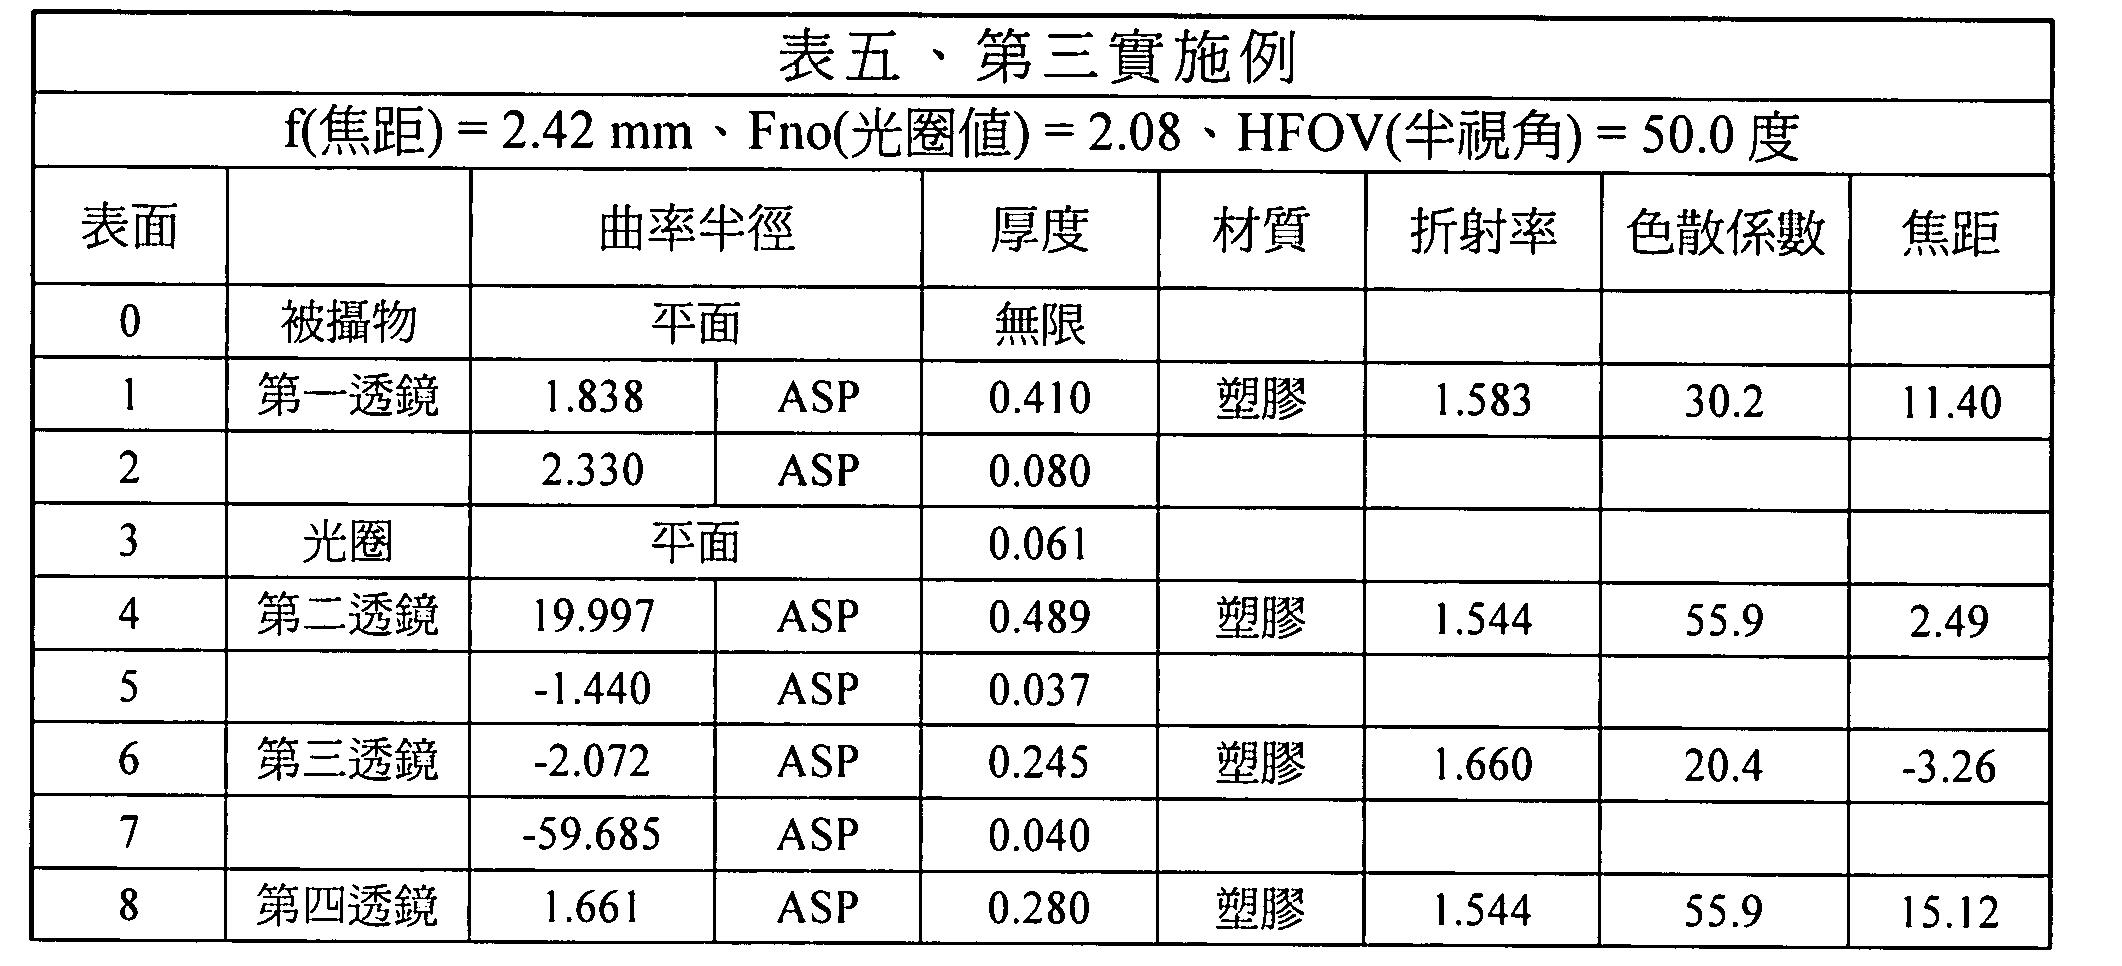 Figure TWI610090BD00012